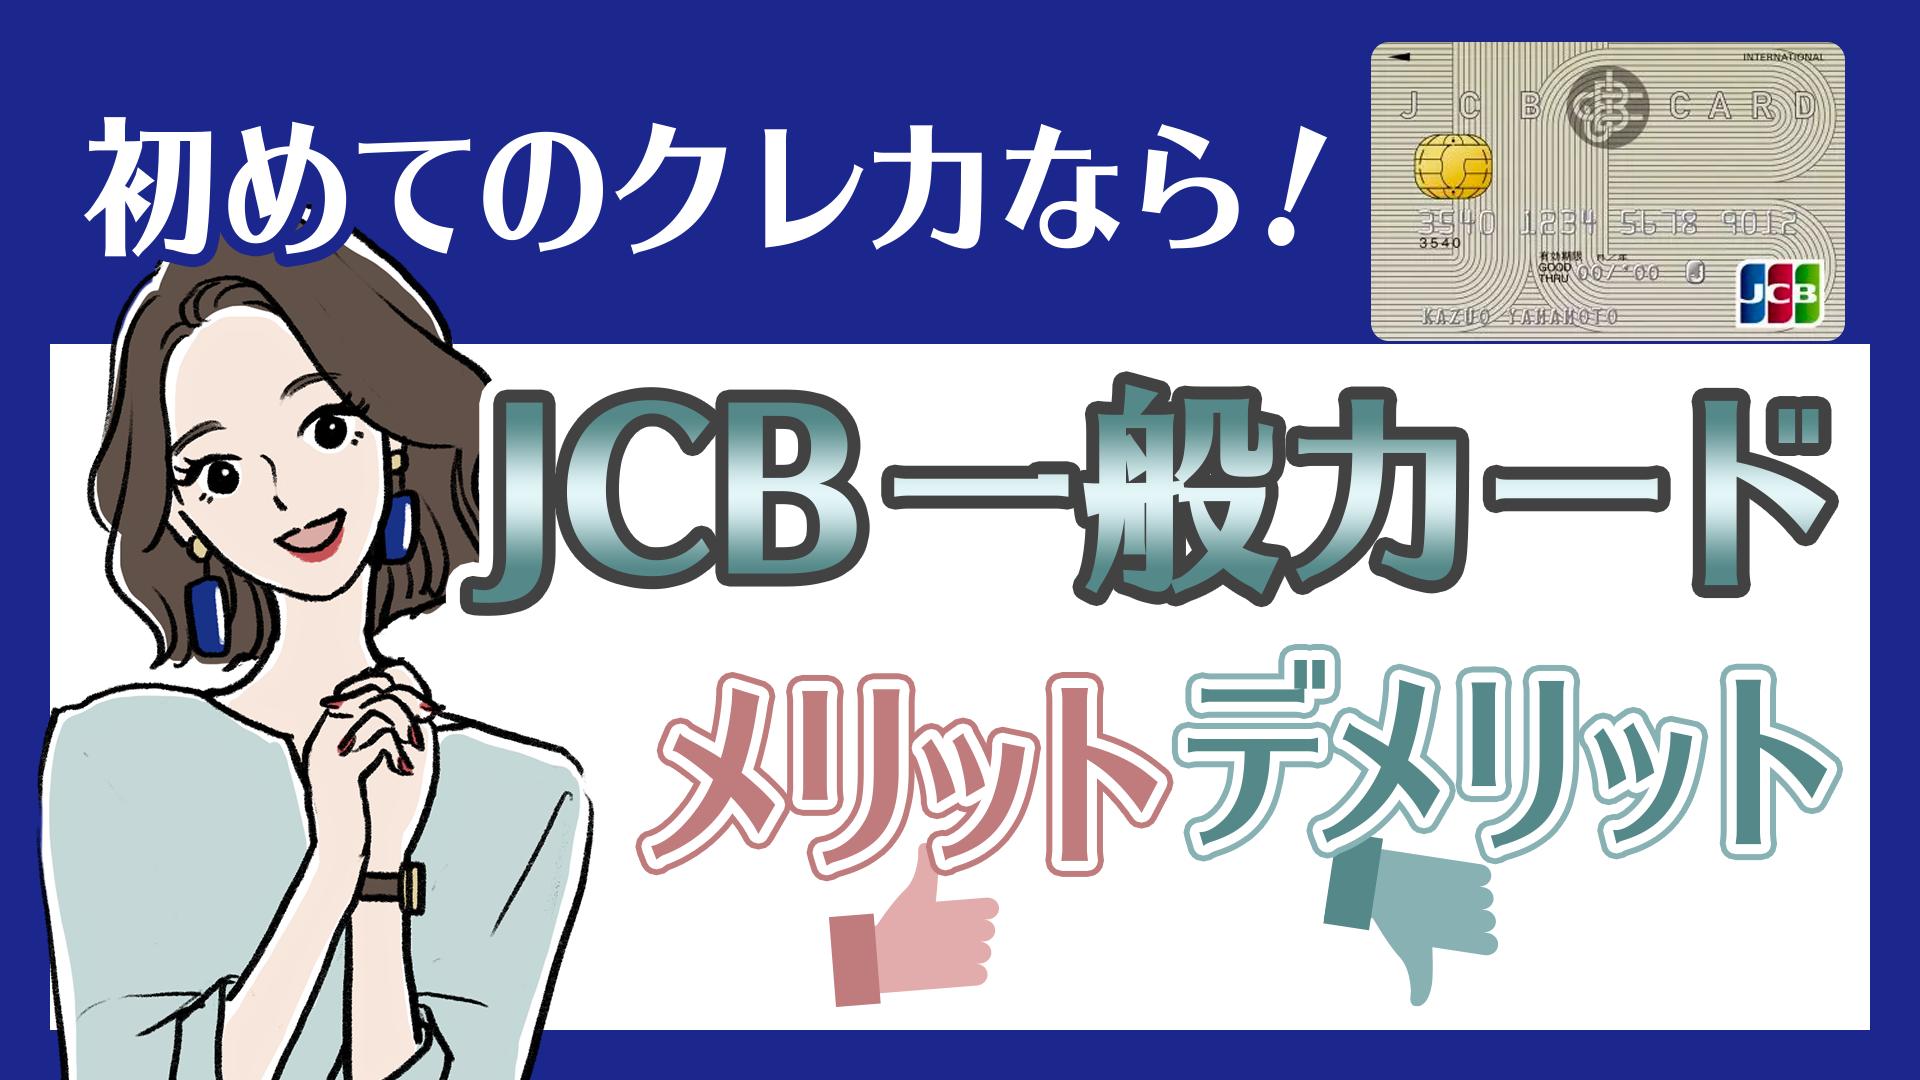 JCB一般カード メリット